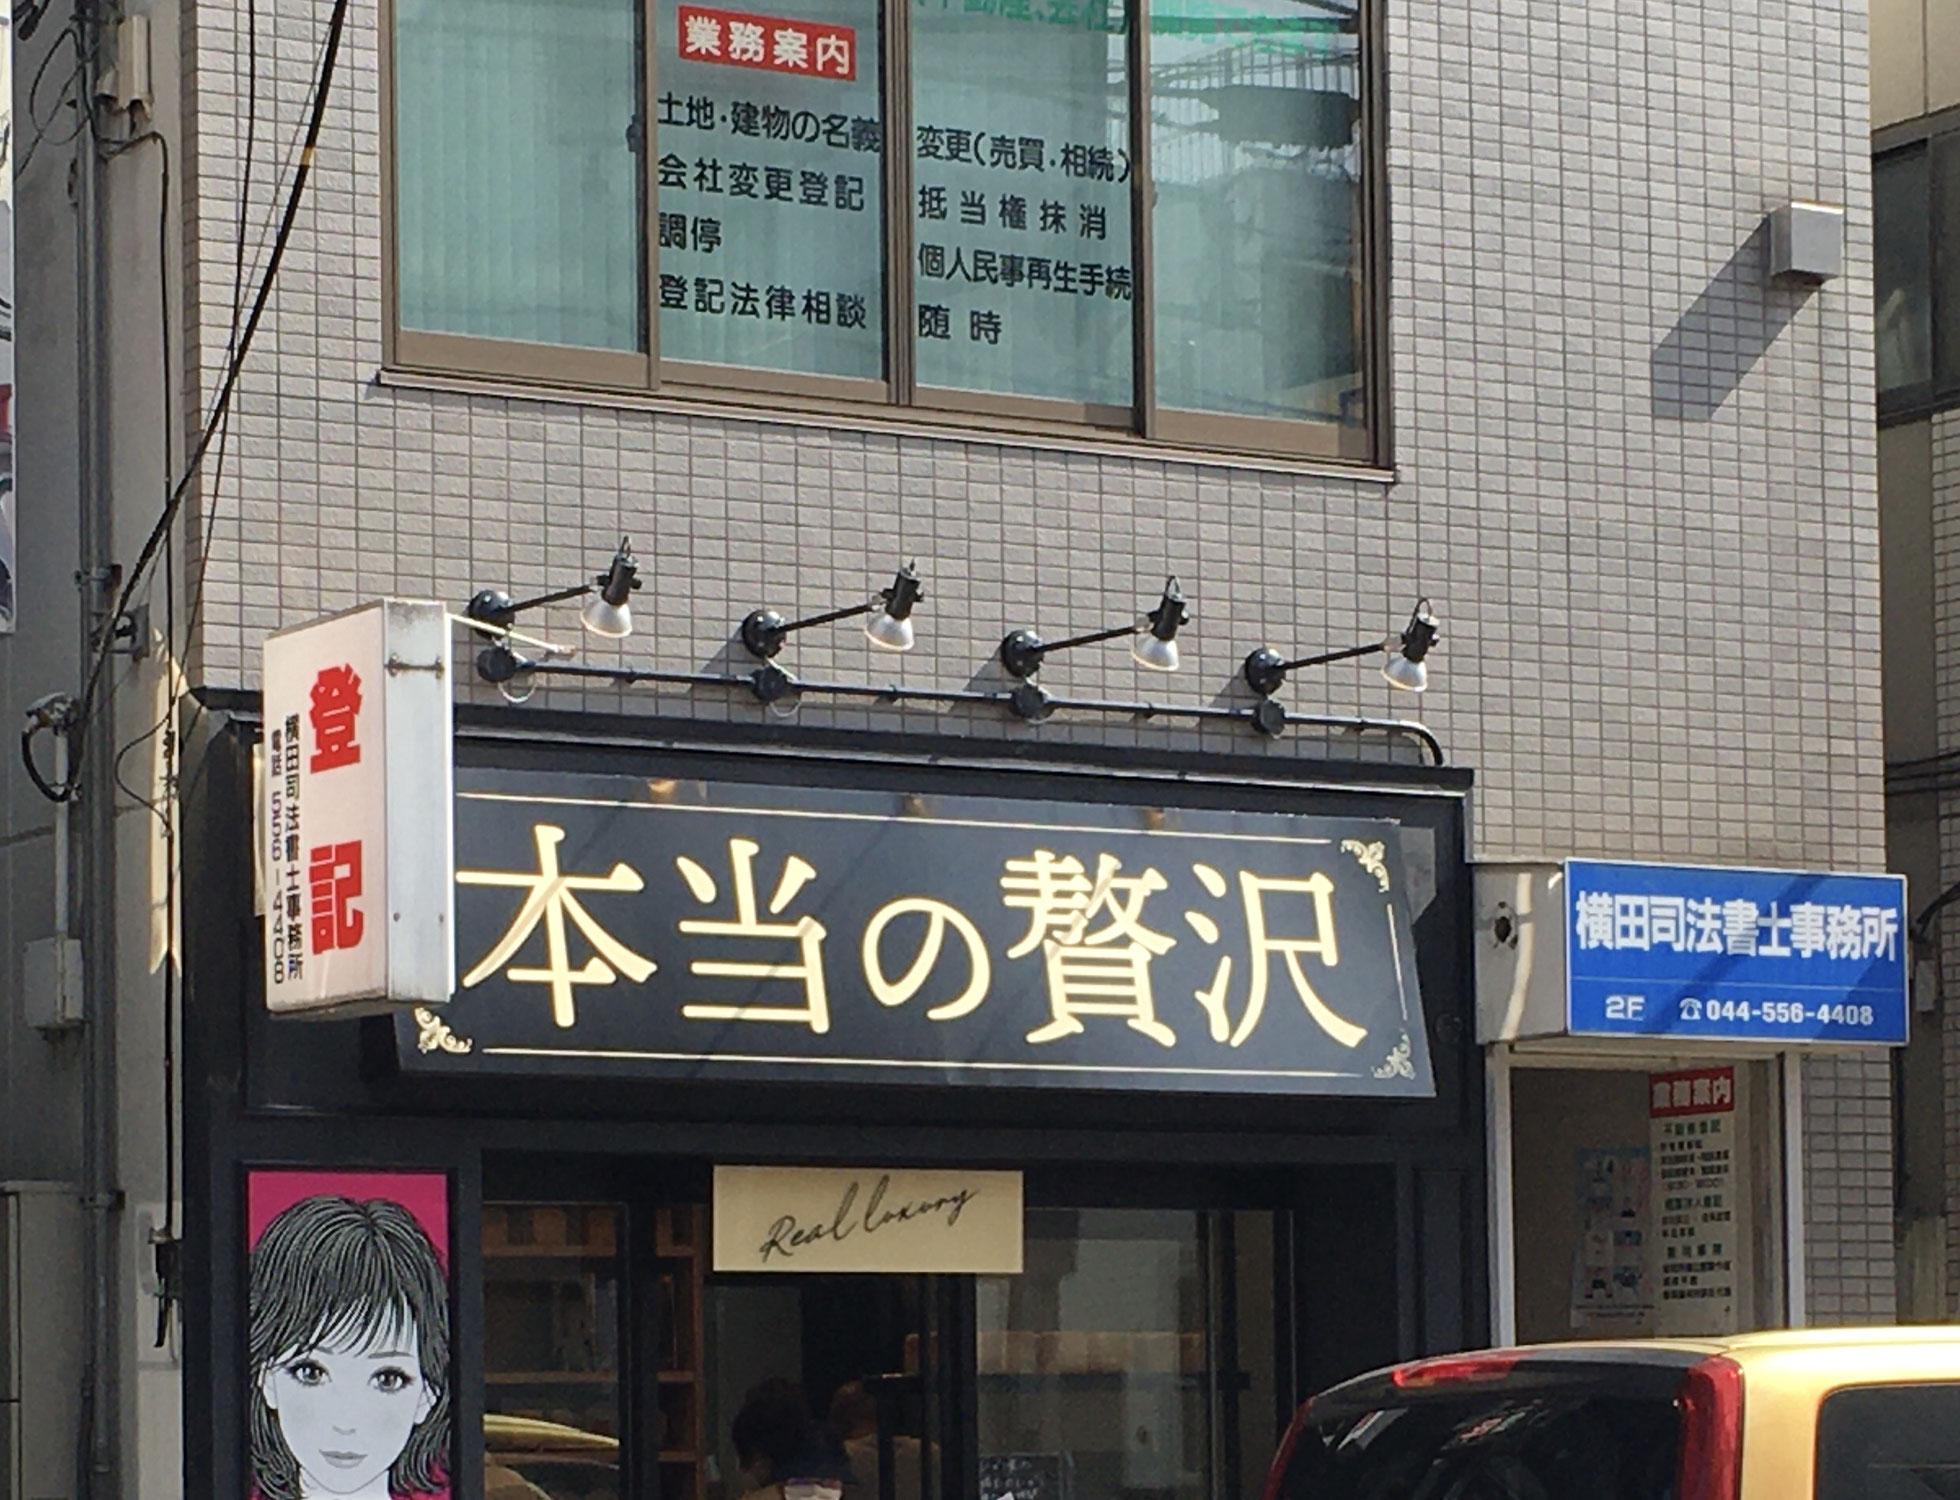 事務所への道案内:高級食パン専門店に立ち寄れます